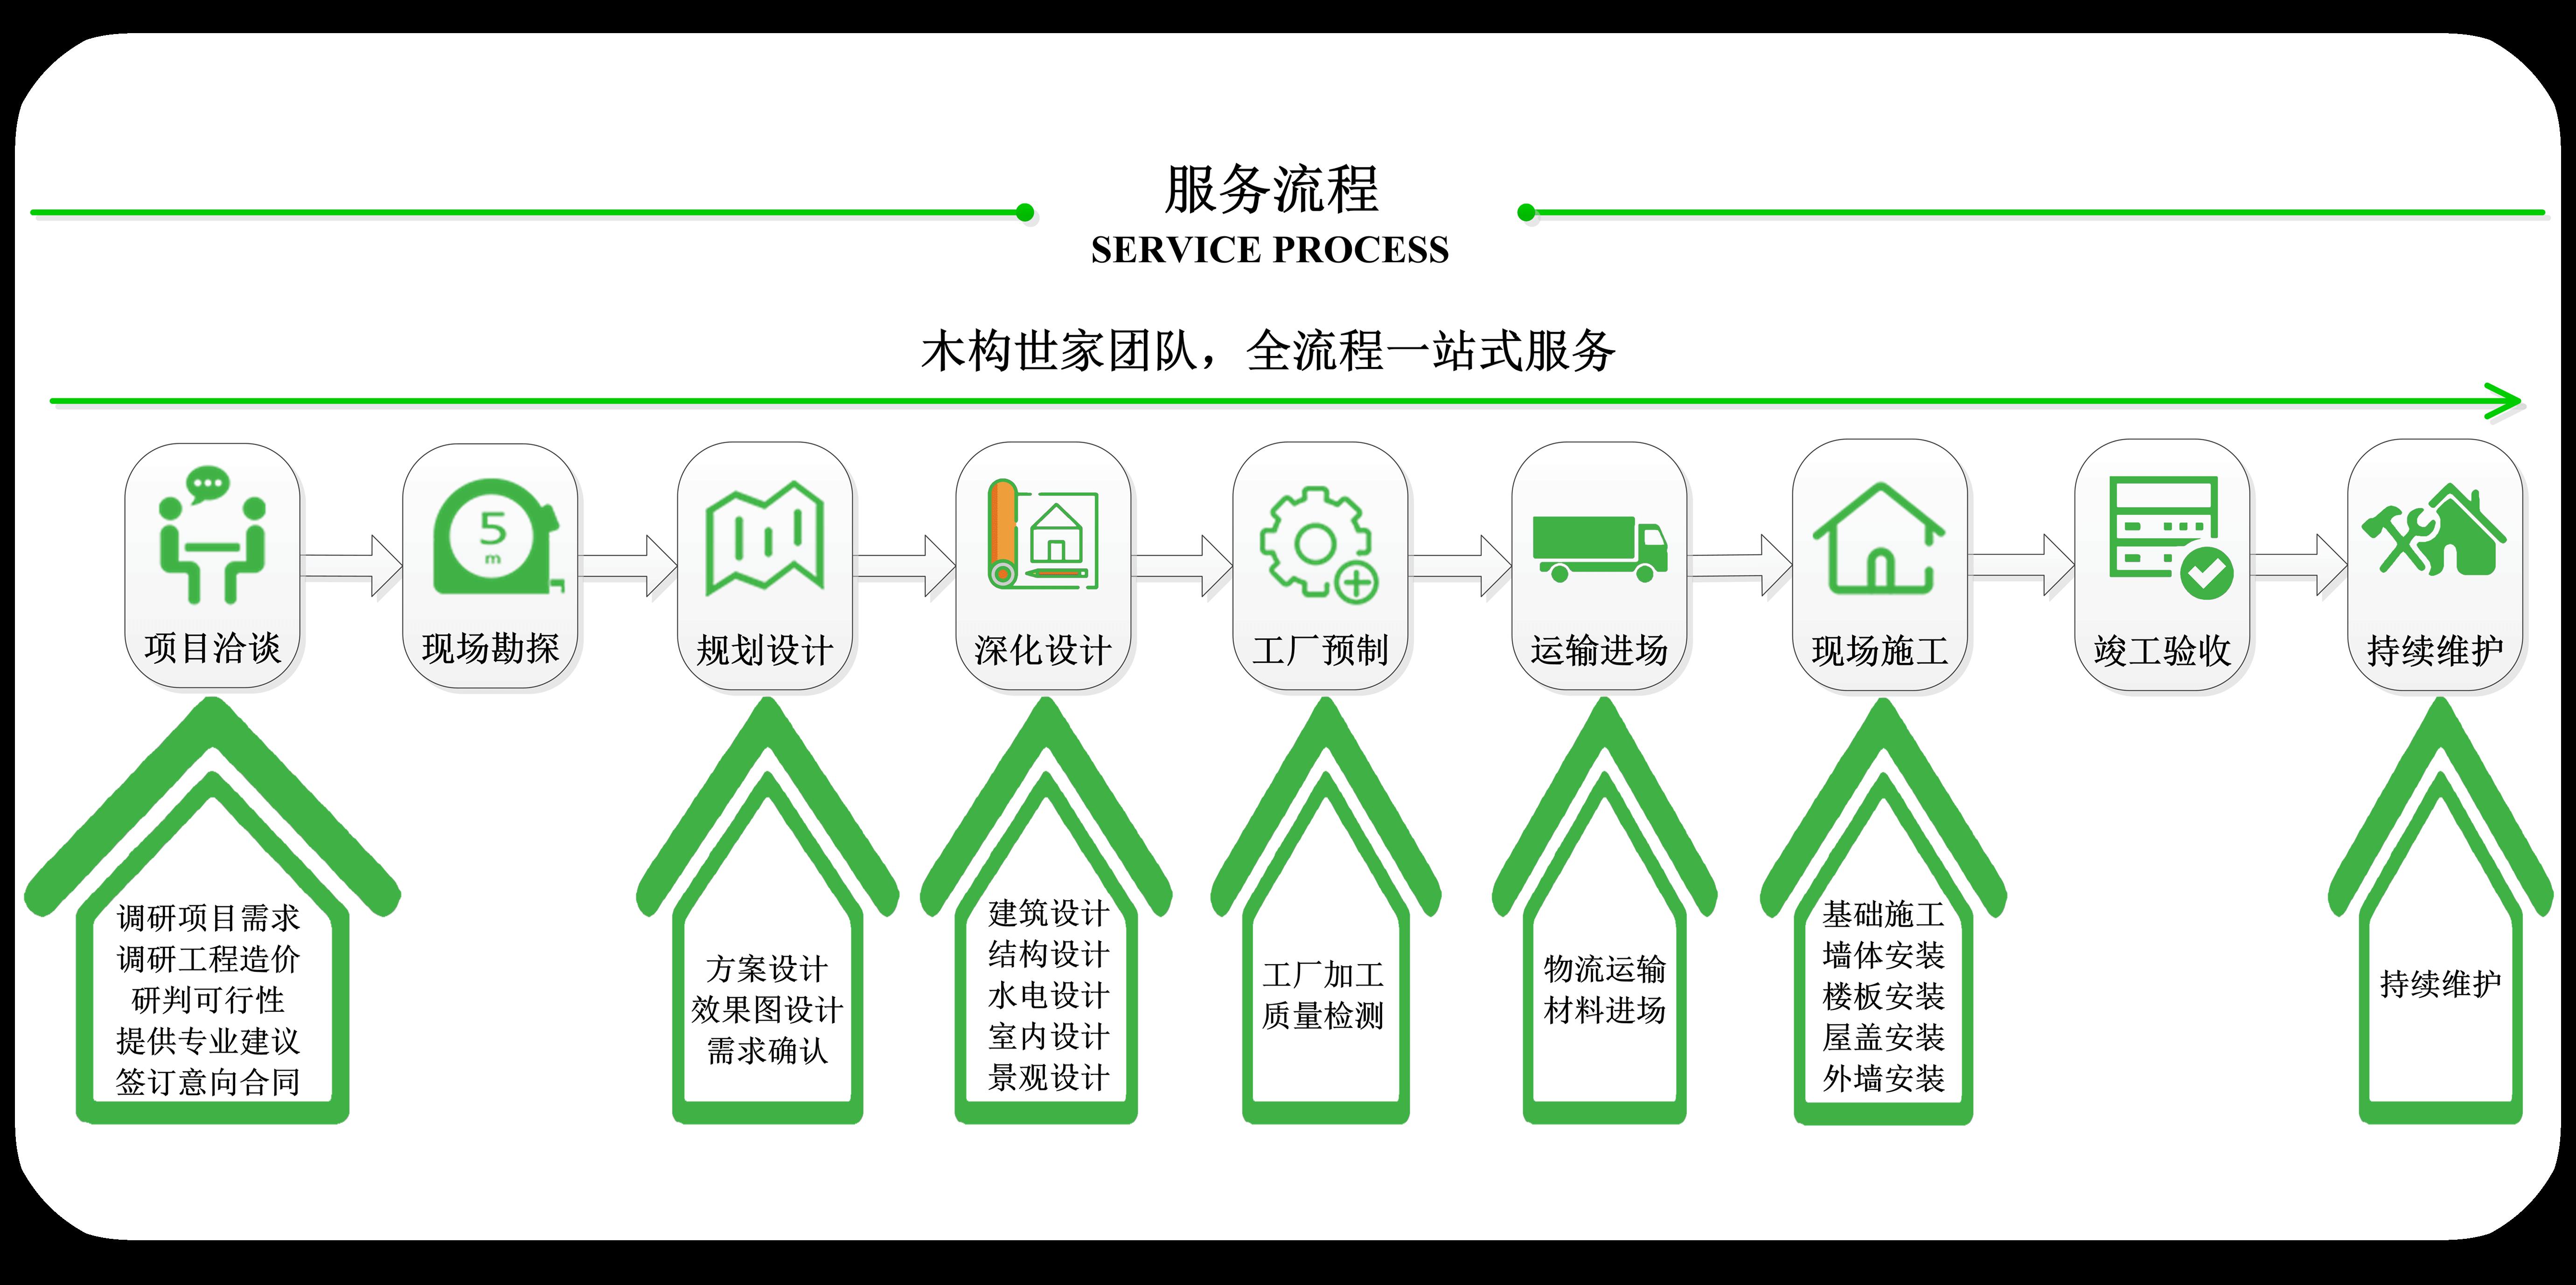 防腐木别墅厂家服务流程